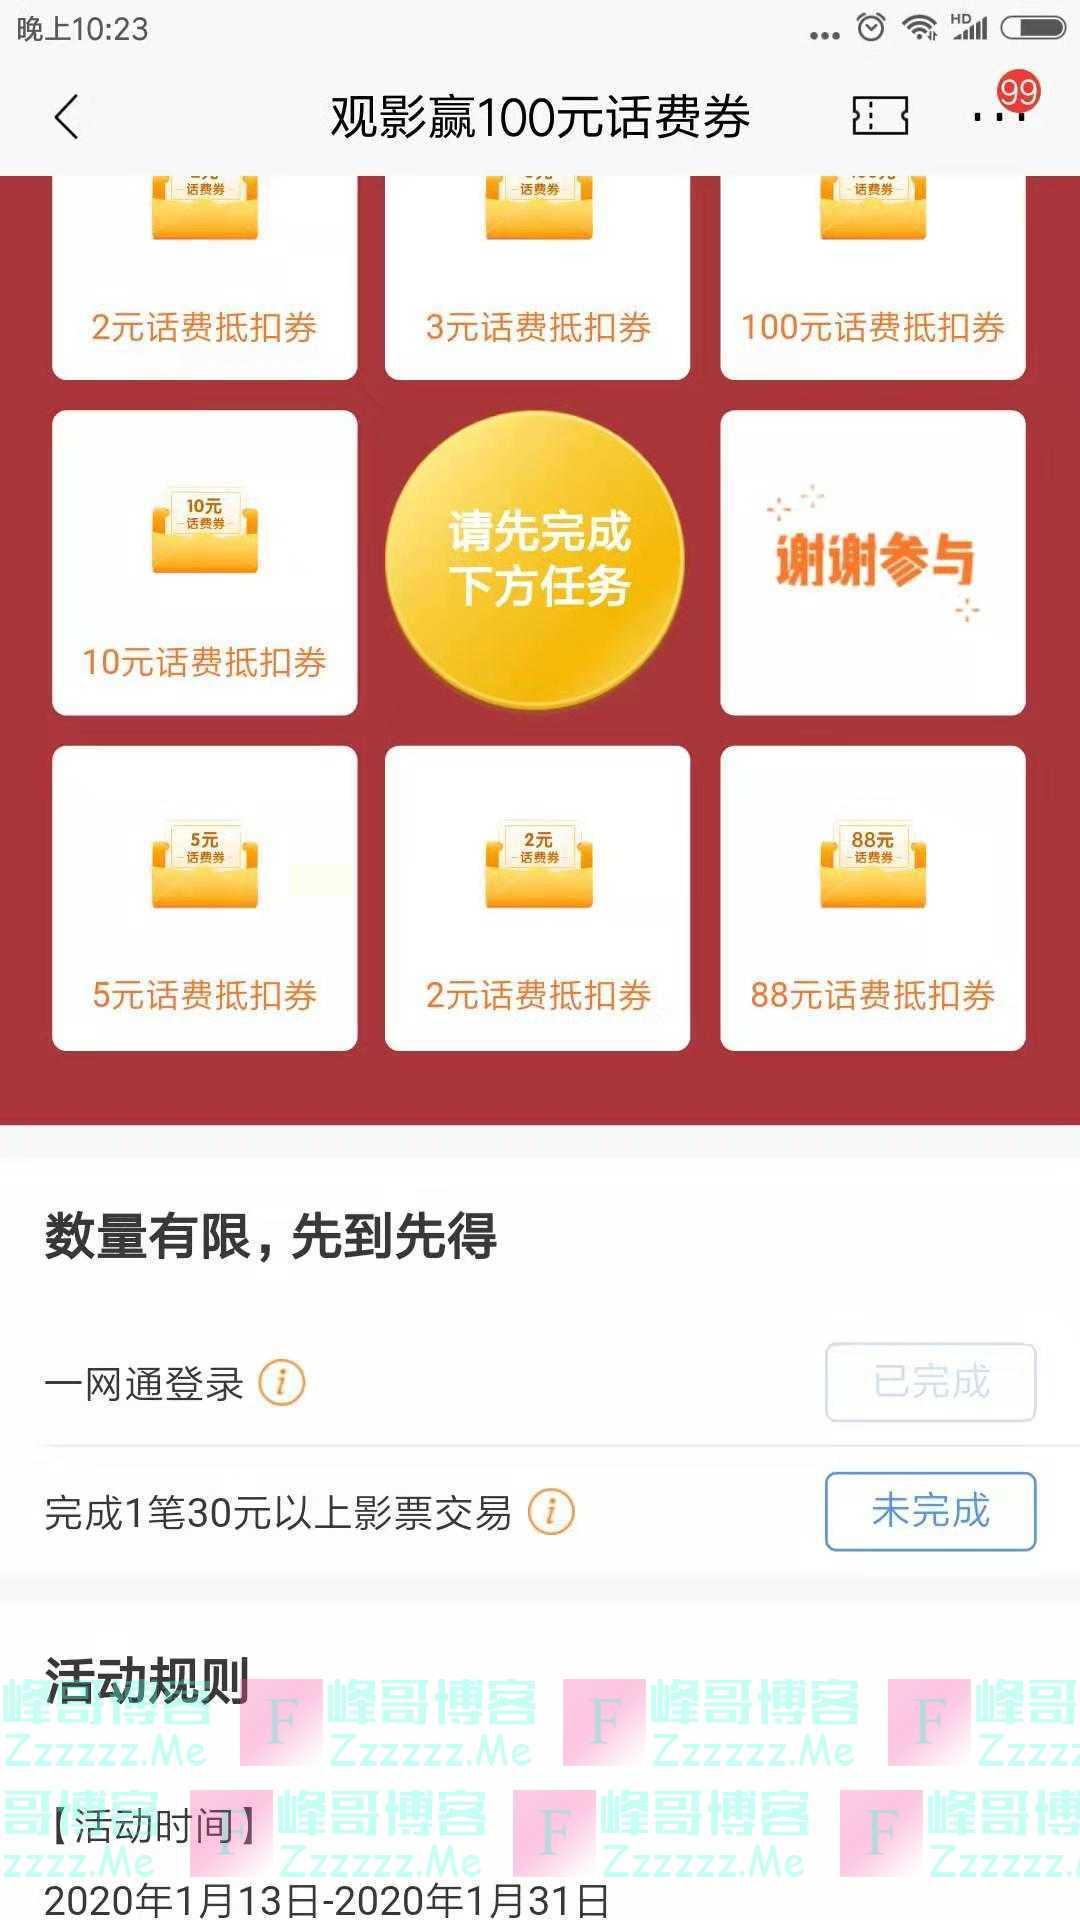 招行观影赢100元话费券(截止1月31日)